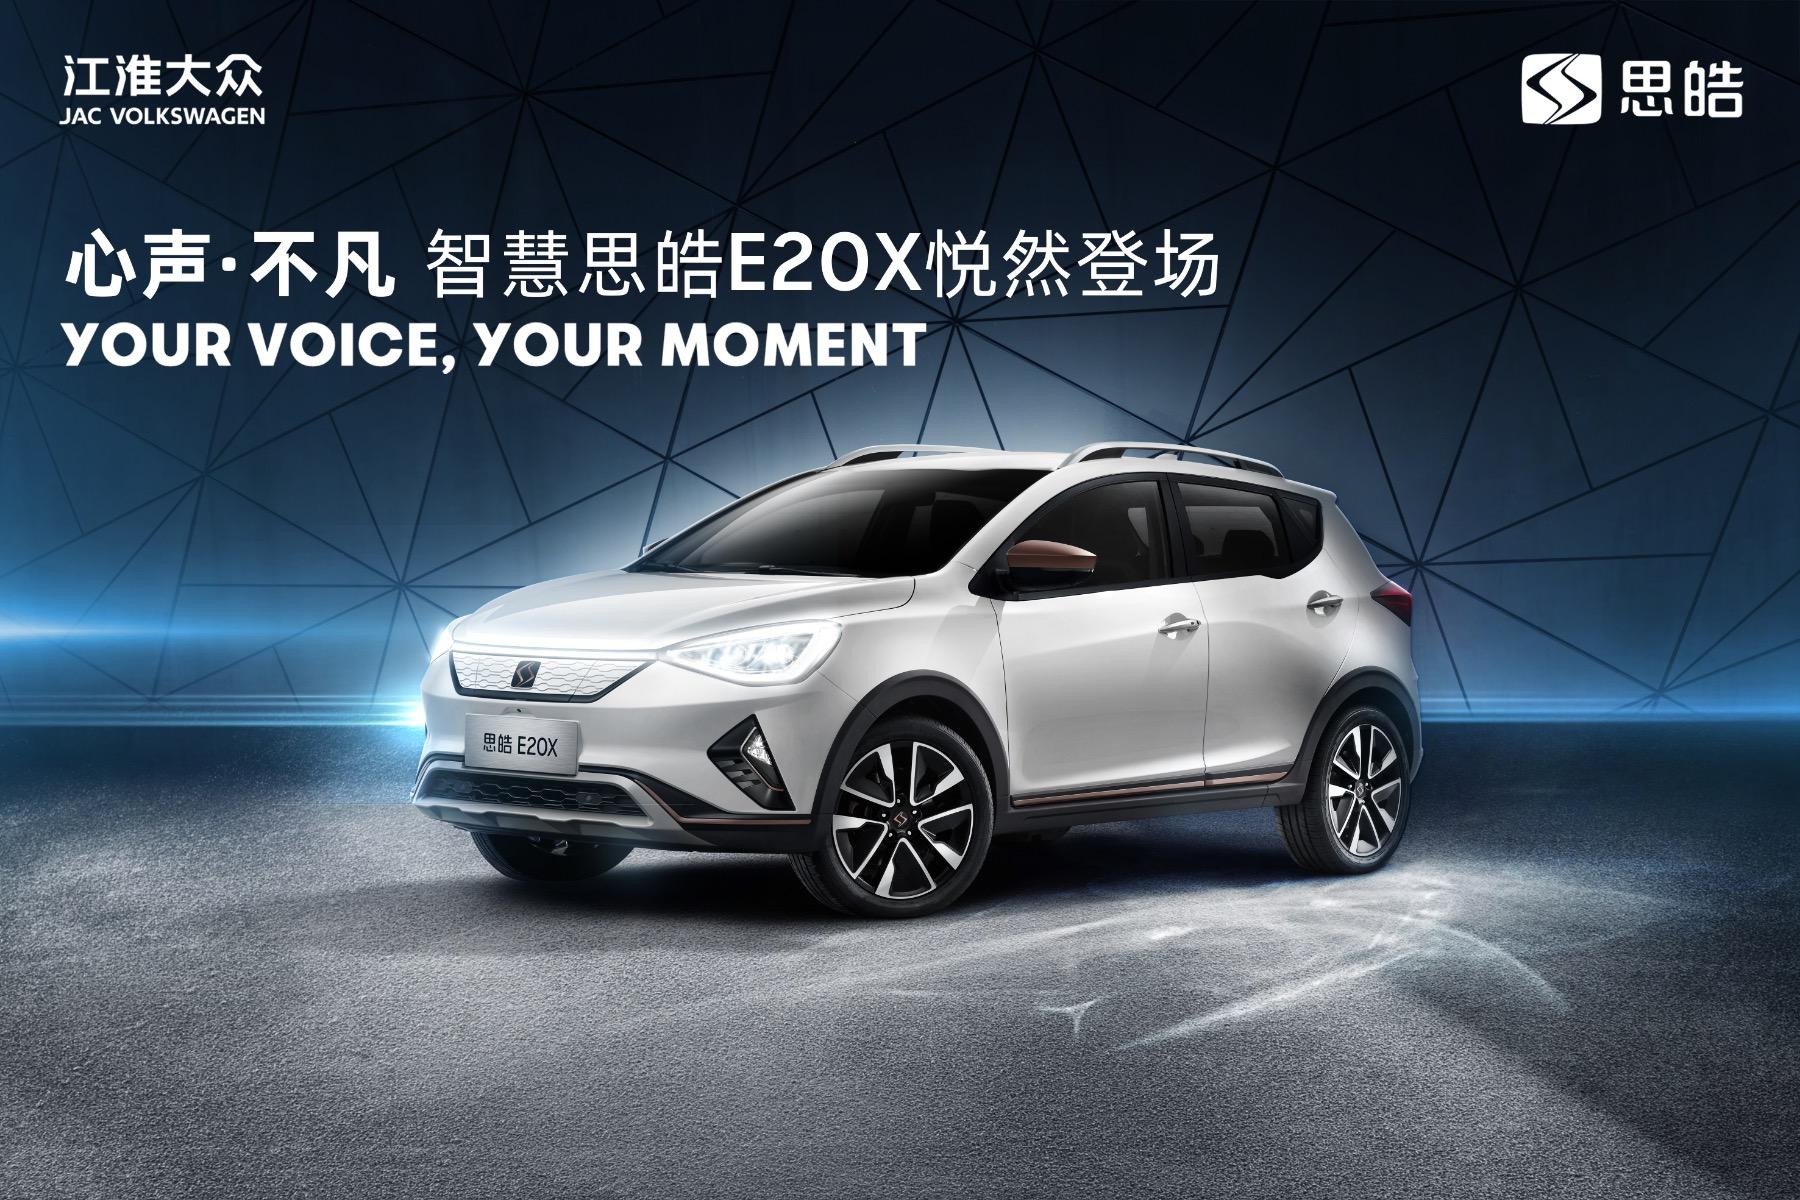 思皓E20X正式公布售价 首批品牌体验店盛大开业